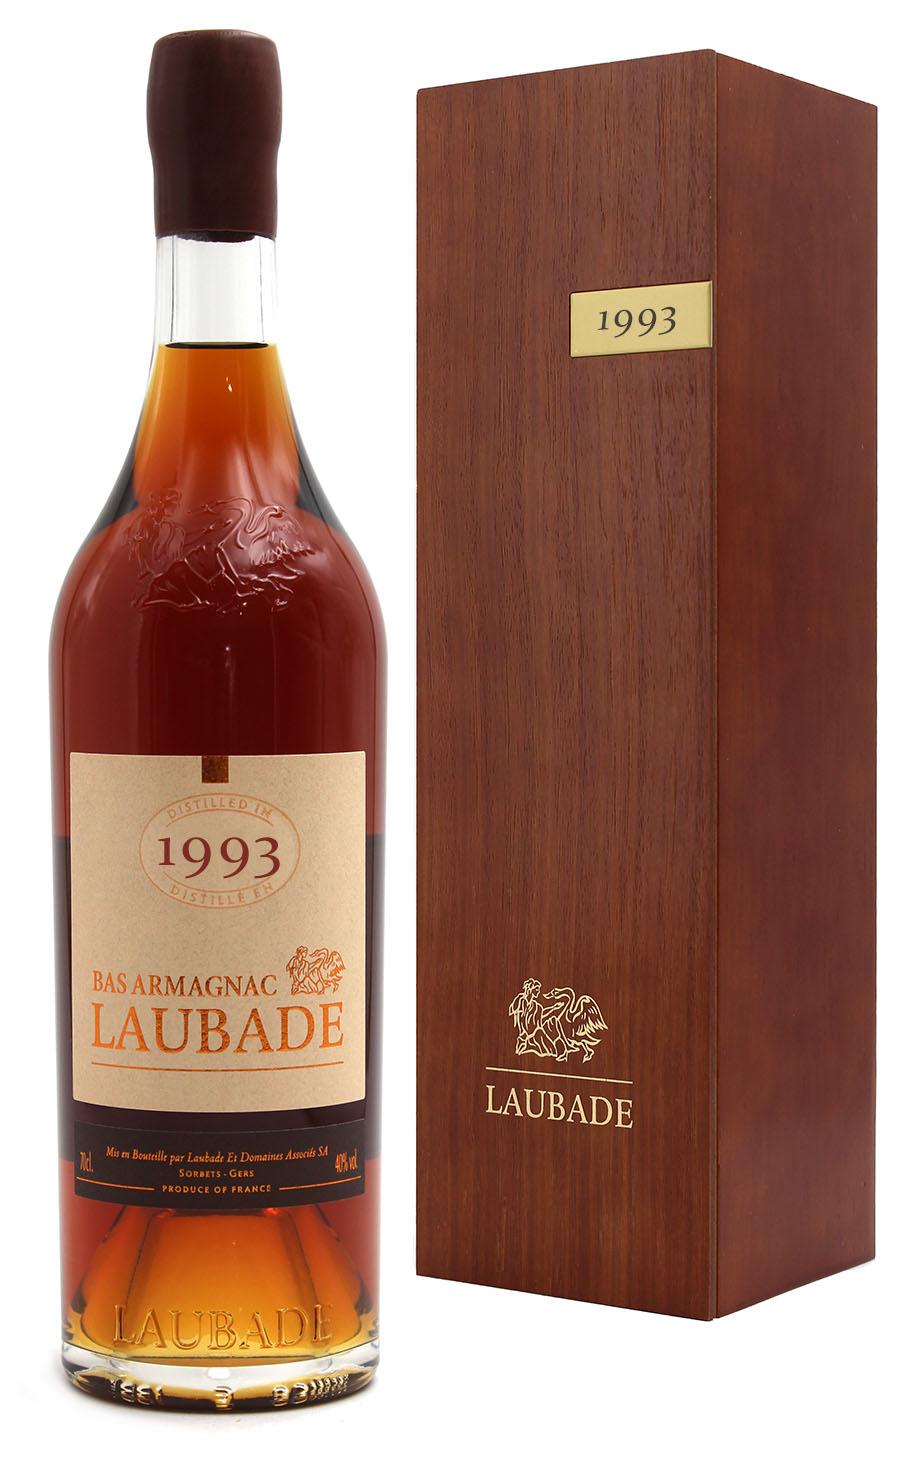 Bas Armagnac Laubade 1993  - 70cl